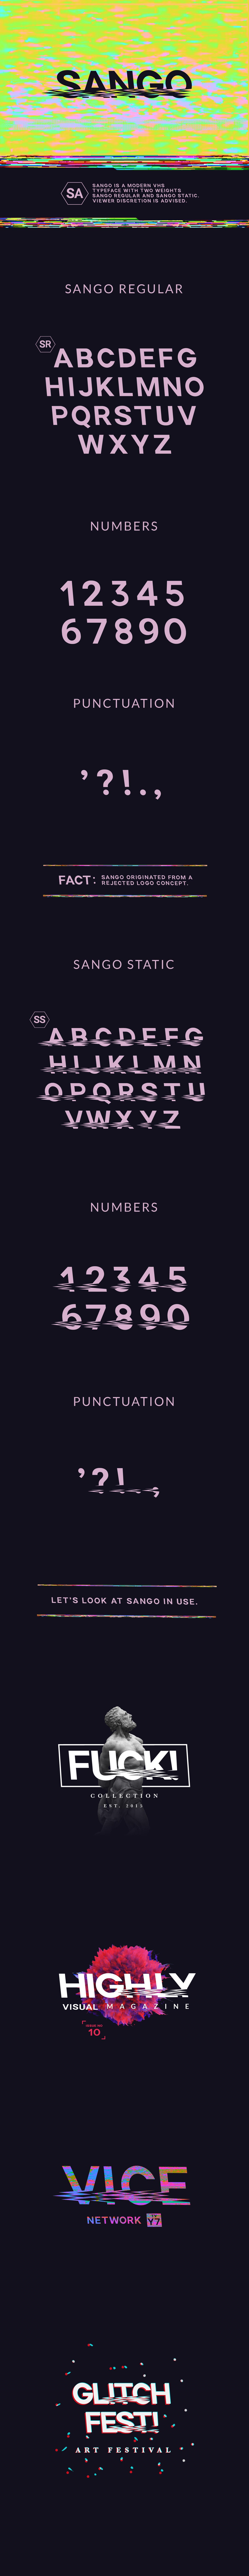 45344c30763765.586e55cfb7a48 2